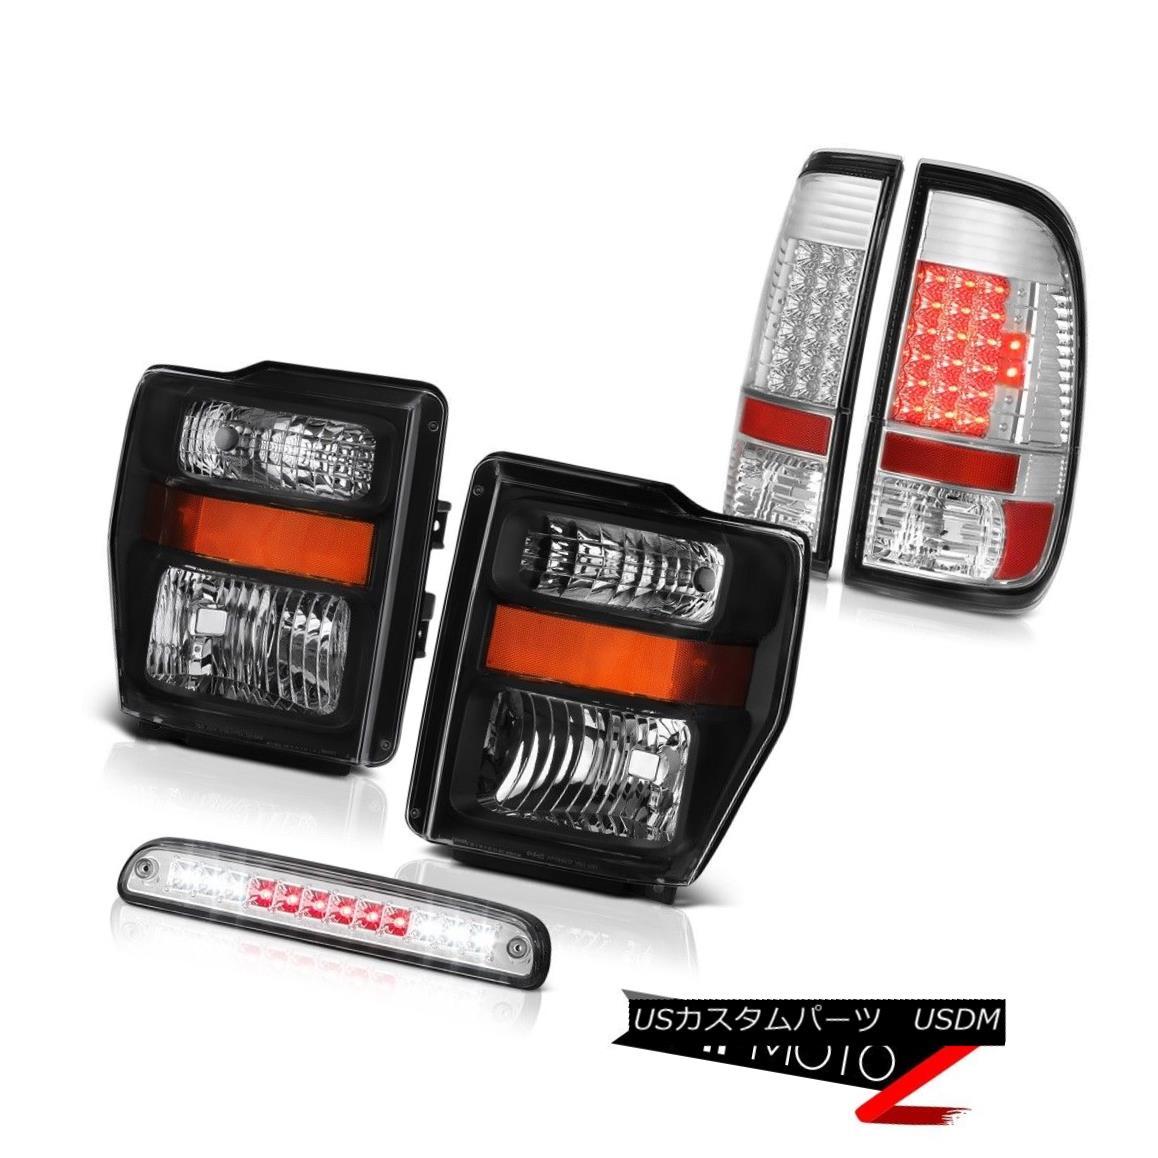 ヘッドライト 2008-2010 F250 Triton V8 Black Headlamps Euro LED Tail Lights Third Brake Cargo 2008-2010 F250トリトンV8ブラックヘッドランプユーロLEDテールライト第3ブレーキ貨物